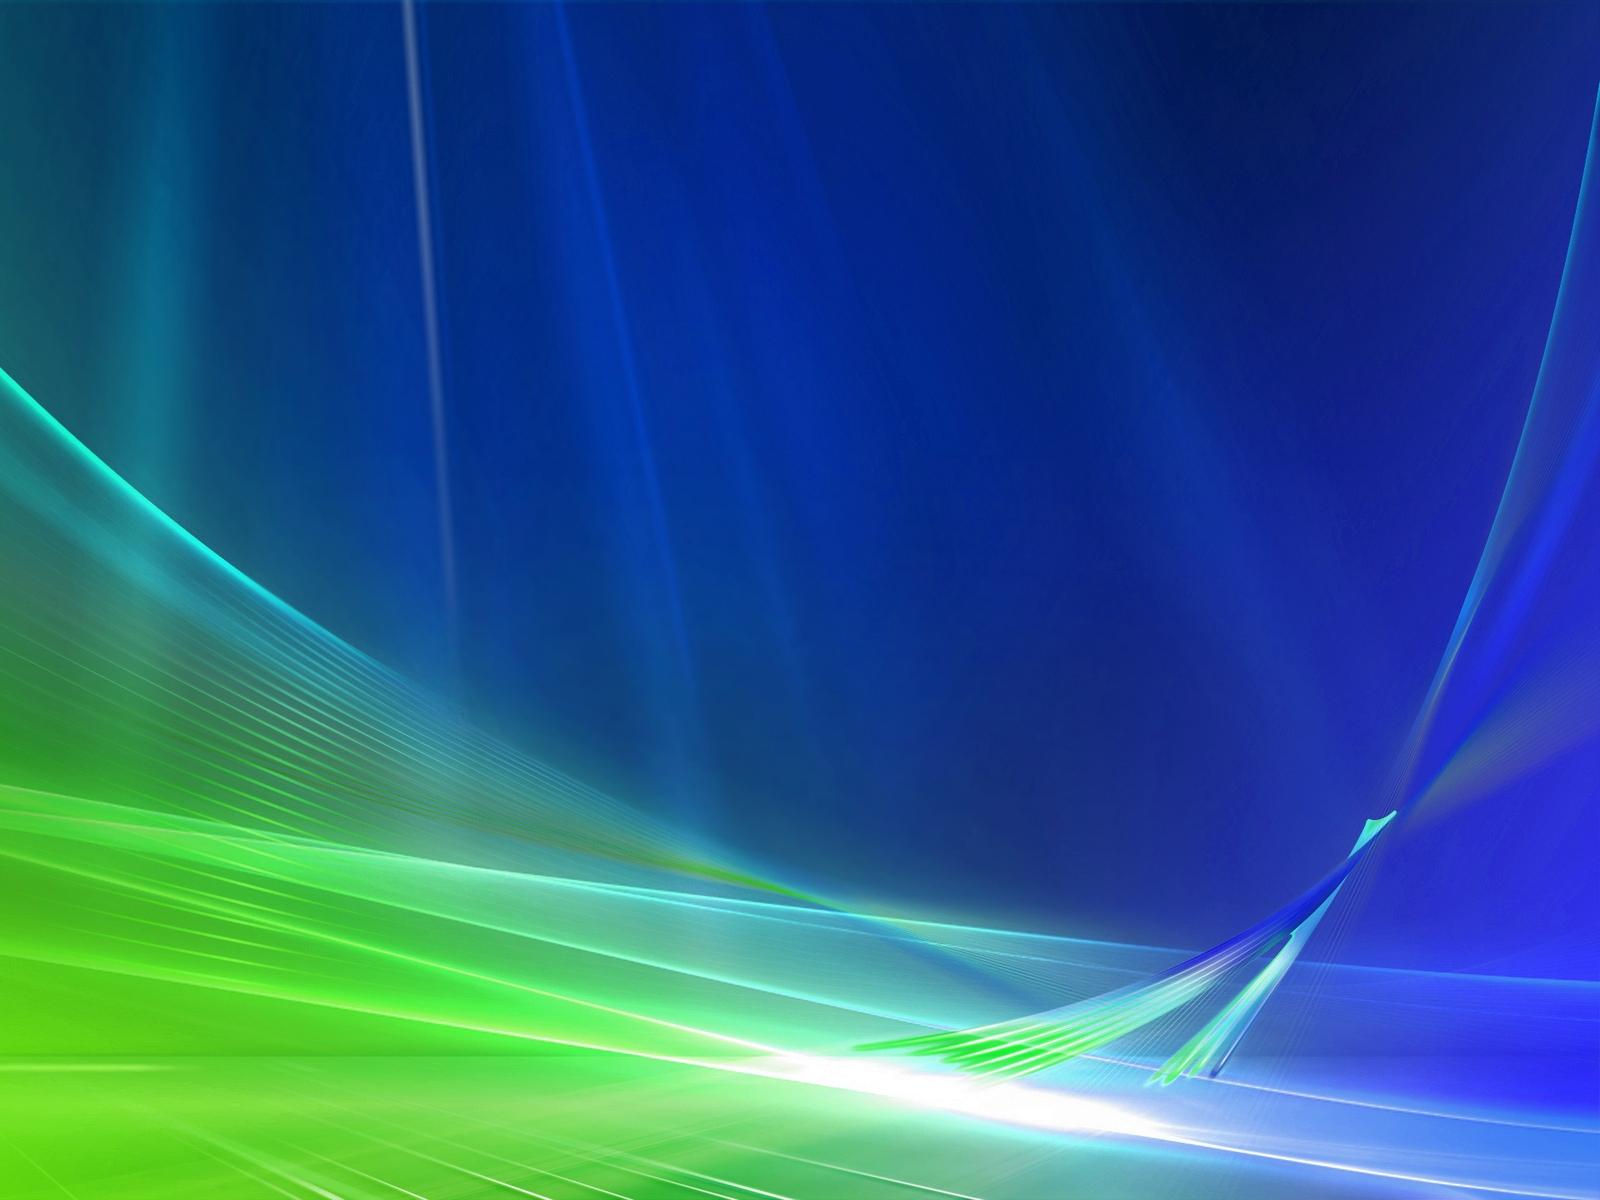 aurora xp